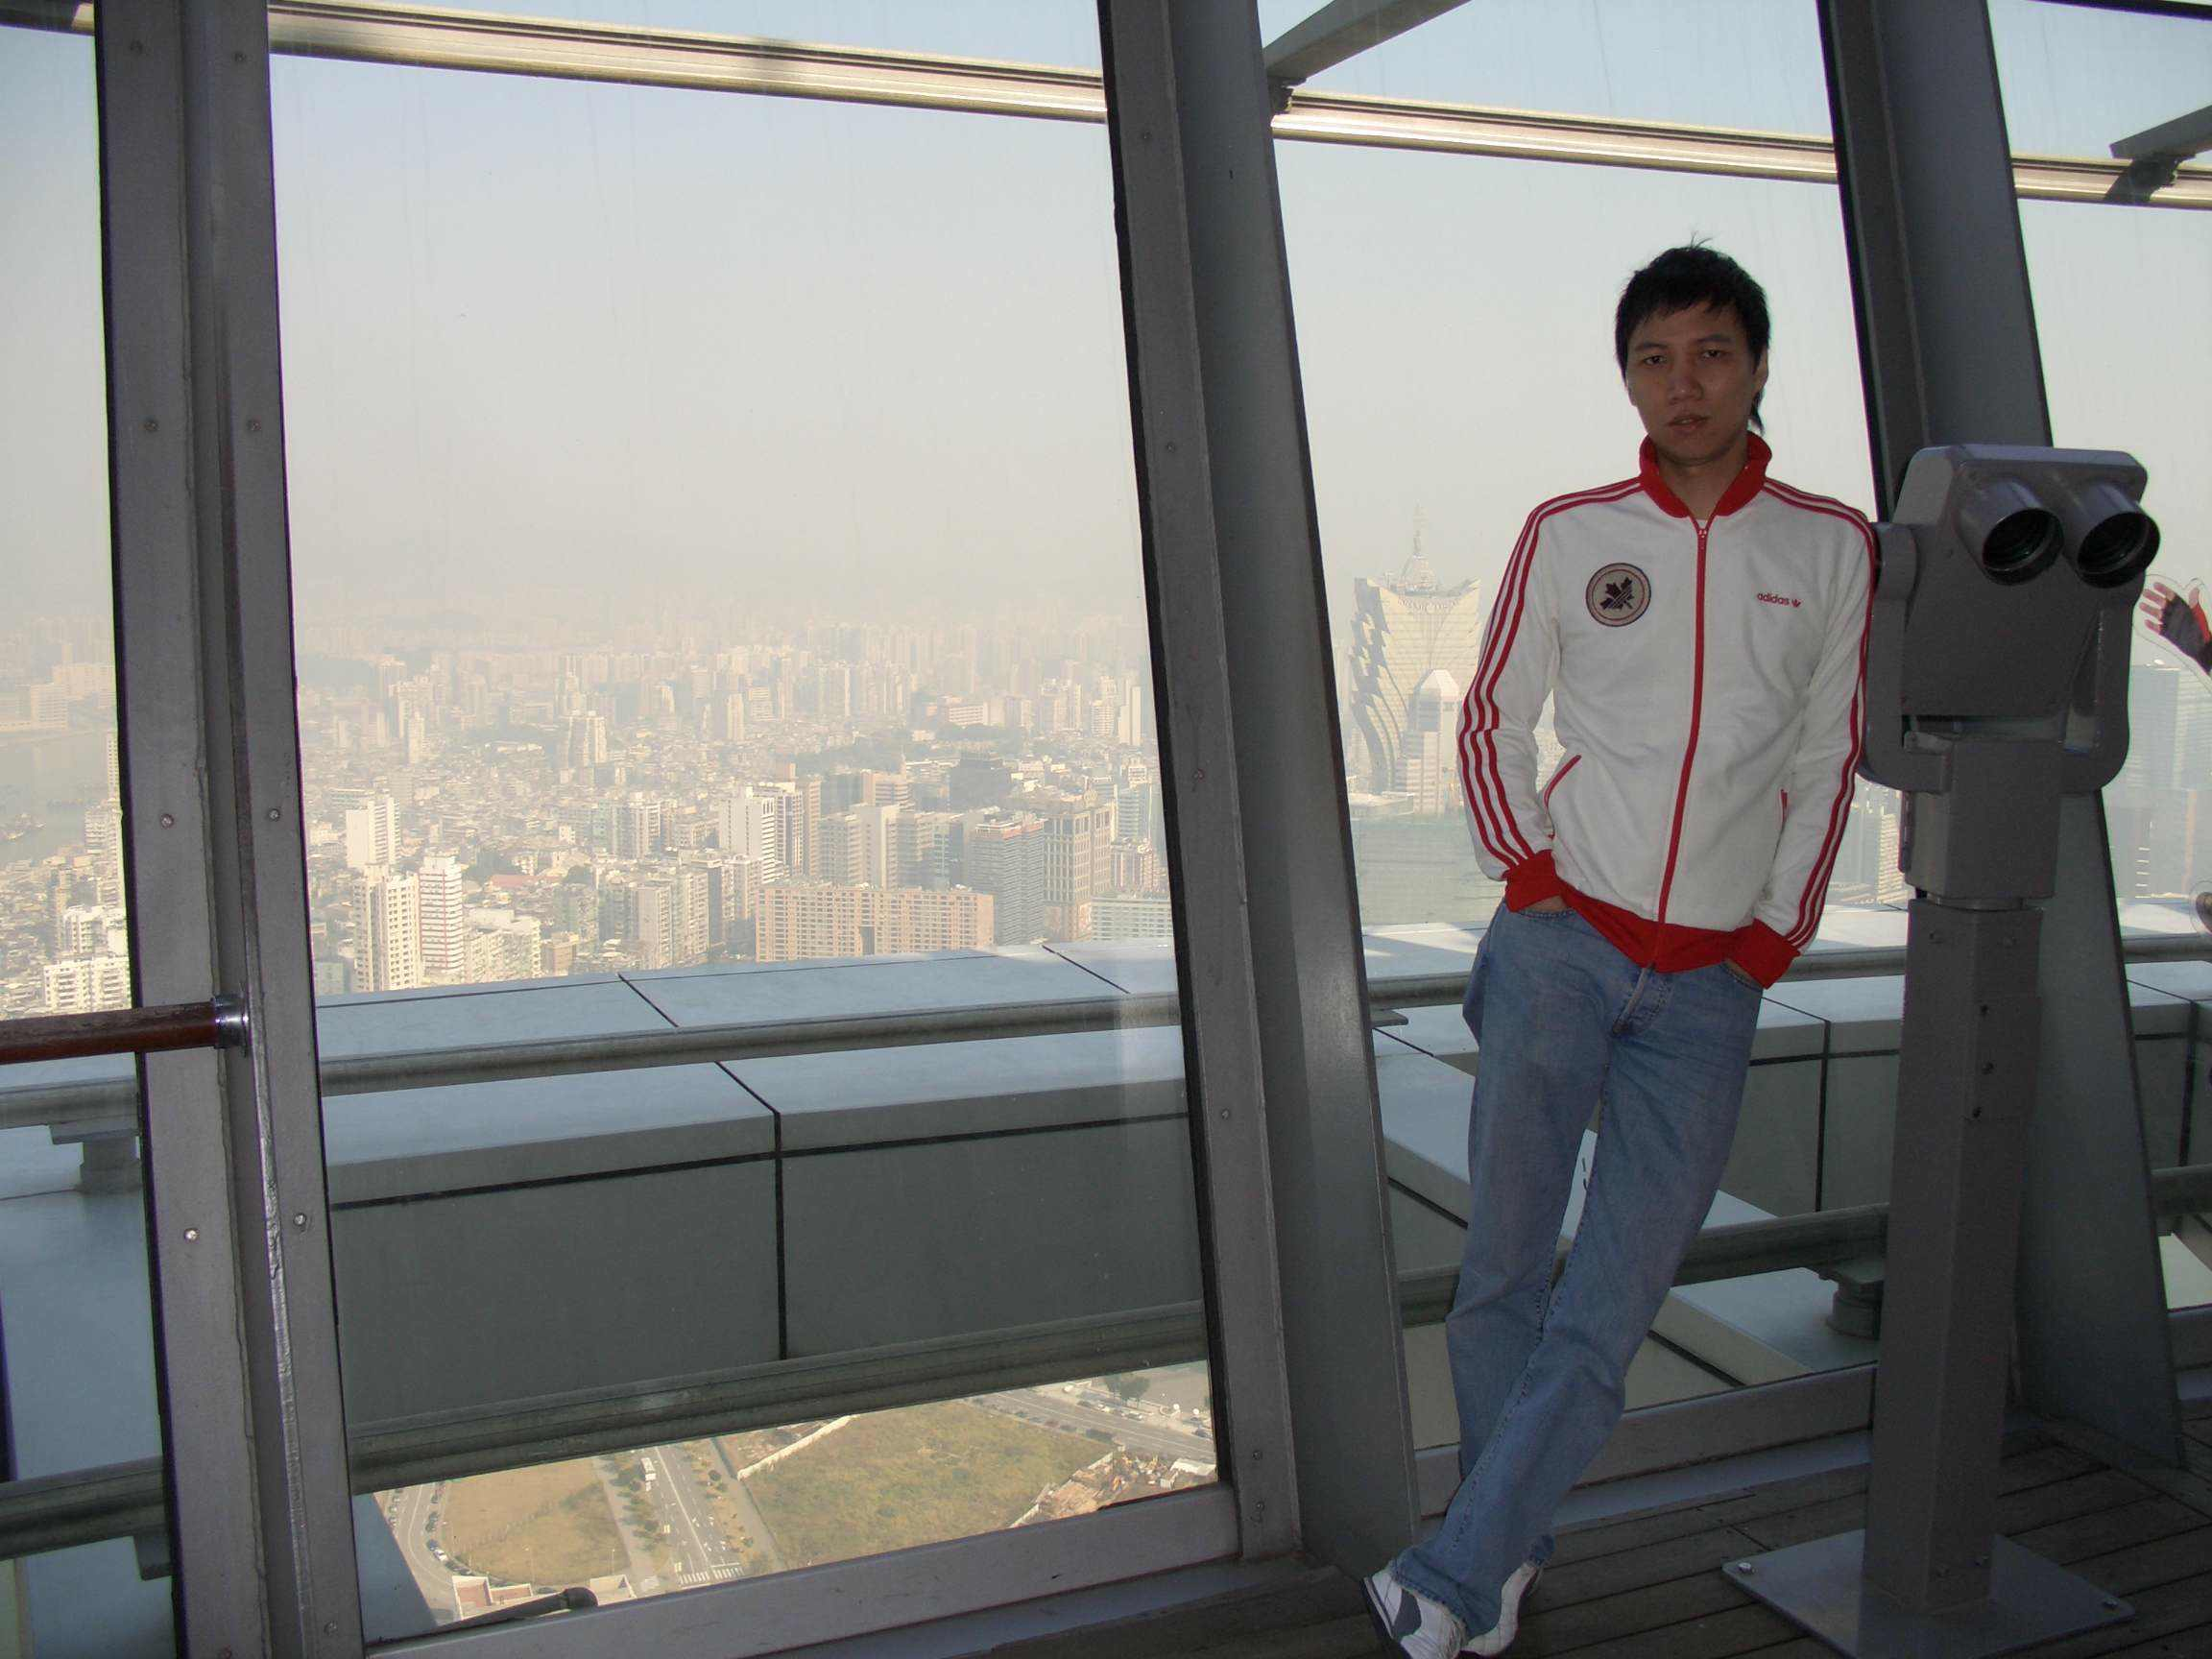 foto standard yang mungkin dilakukan di semua gedung tertinggi di dunia